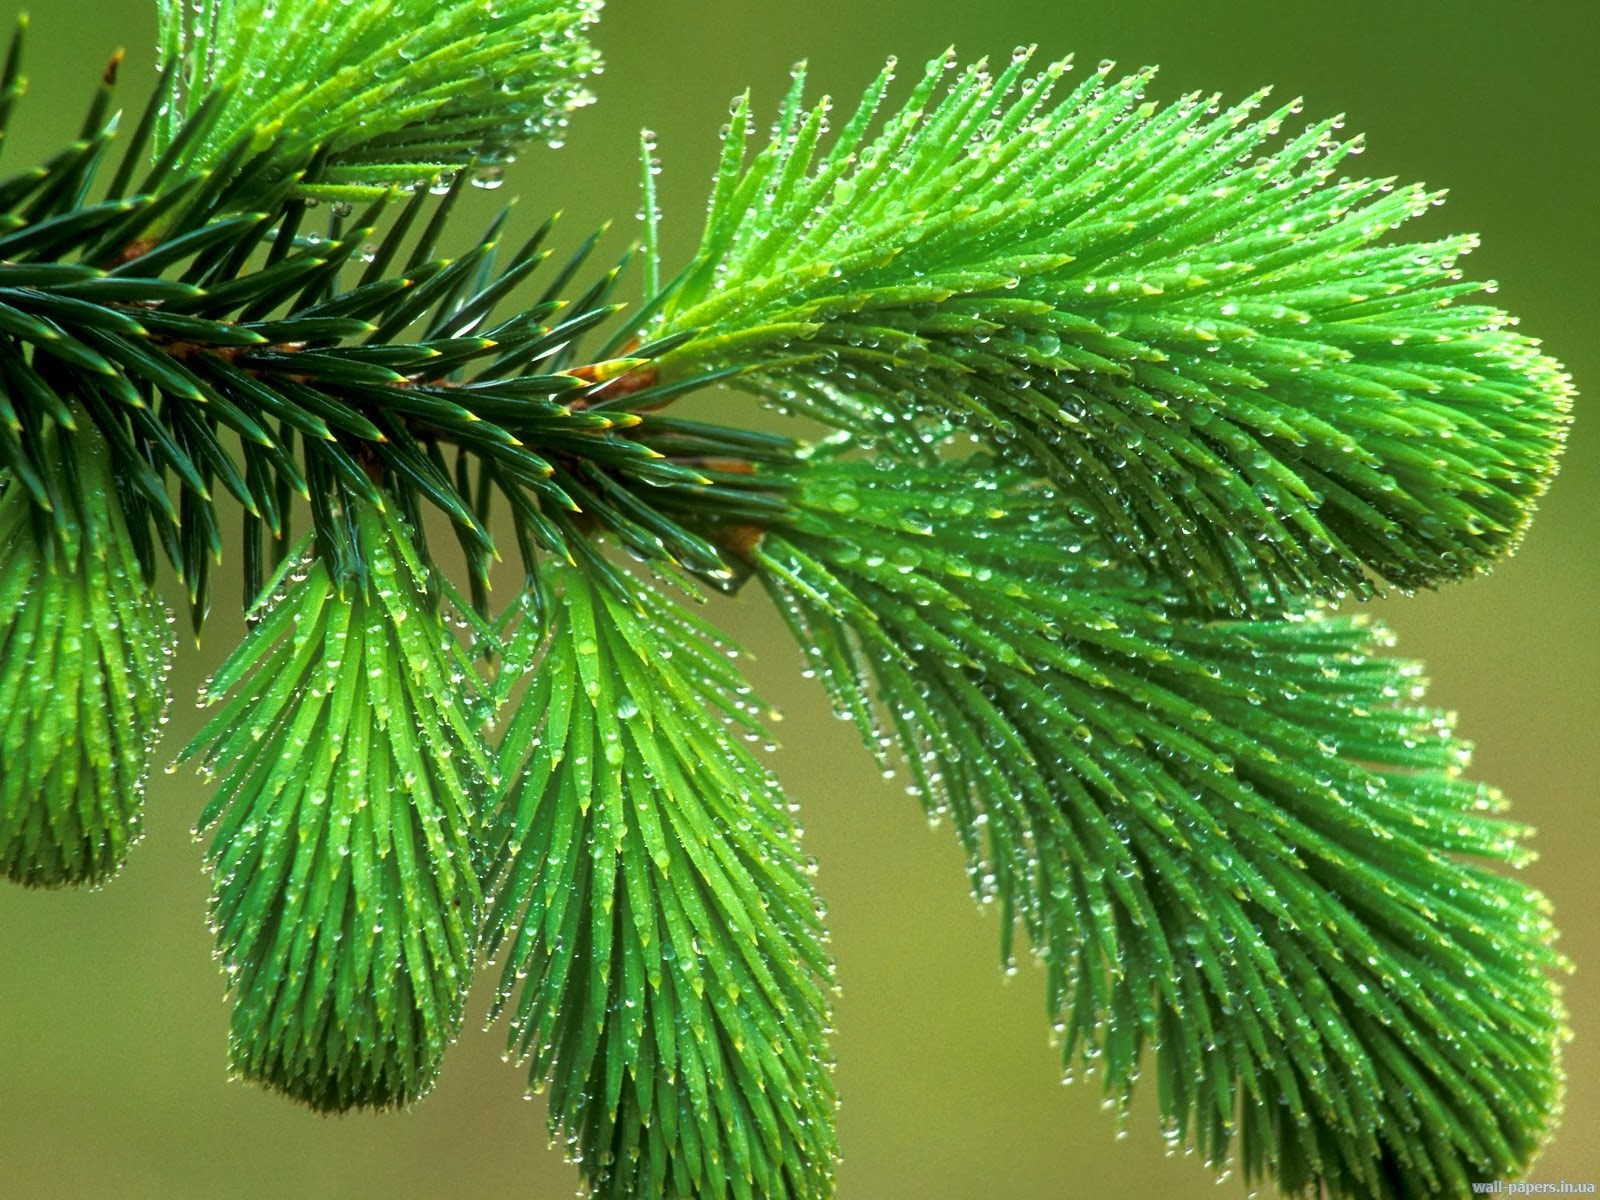 зеленый цвет еловой хвои